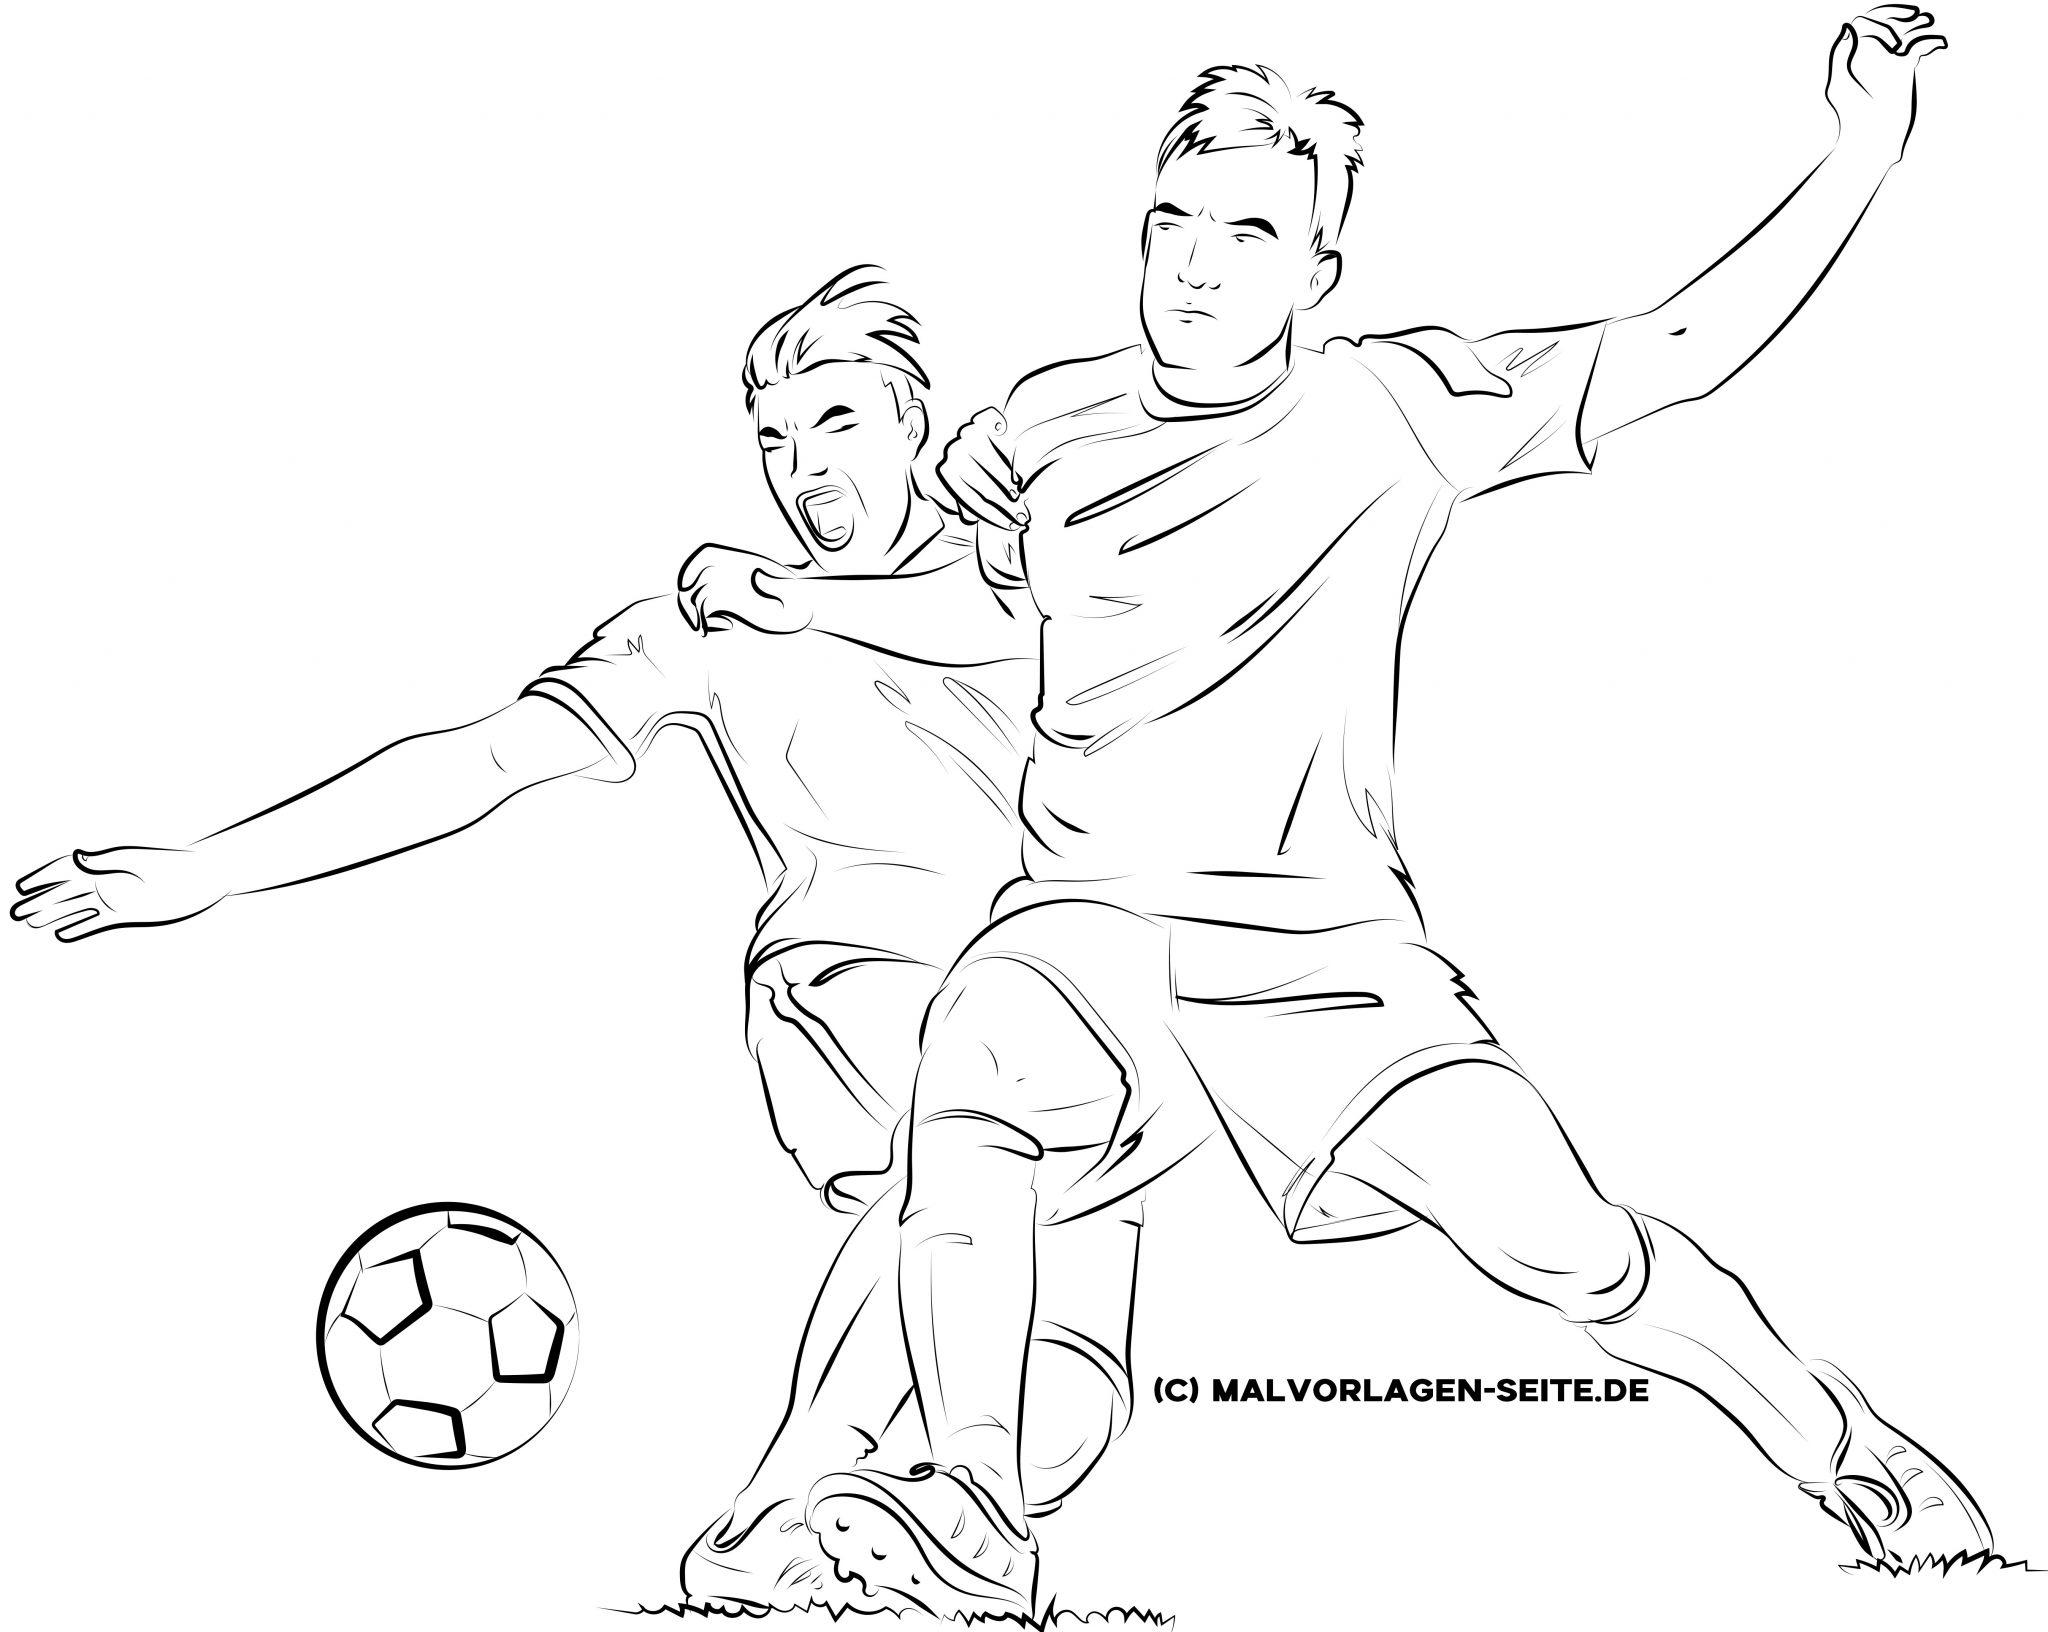 malvorlage fußball für erwachsene  ausmalbilder kostenlos